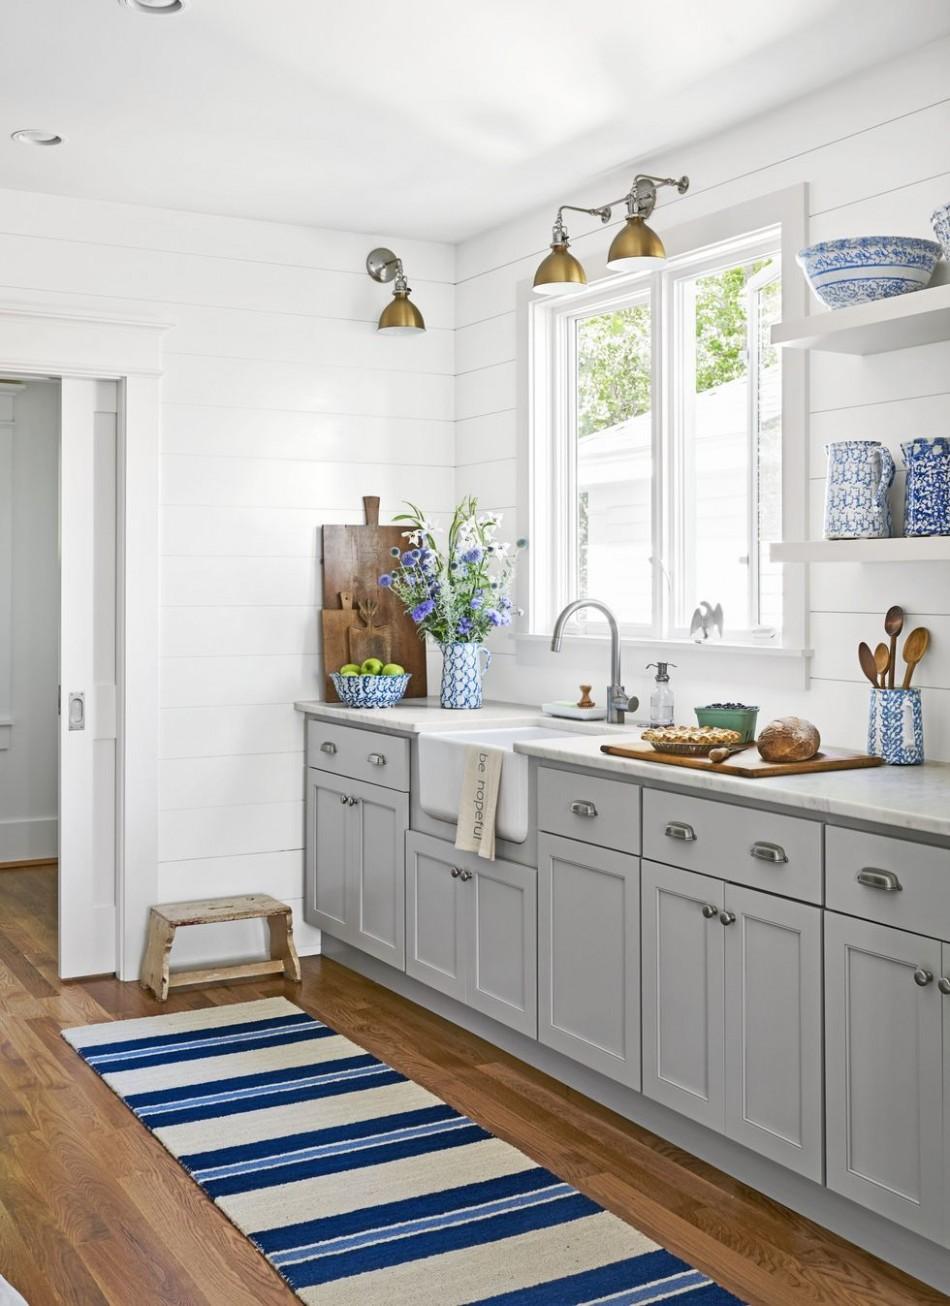 11 Best Galley Kitchen Design Ideas - Remodel Tips for Galley Kitchens - Diy Galley Kitchen Cabinet Ideas